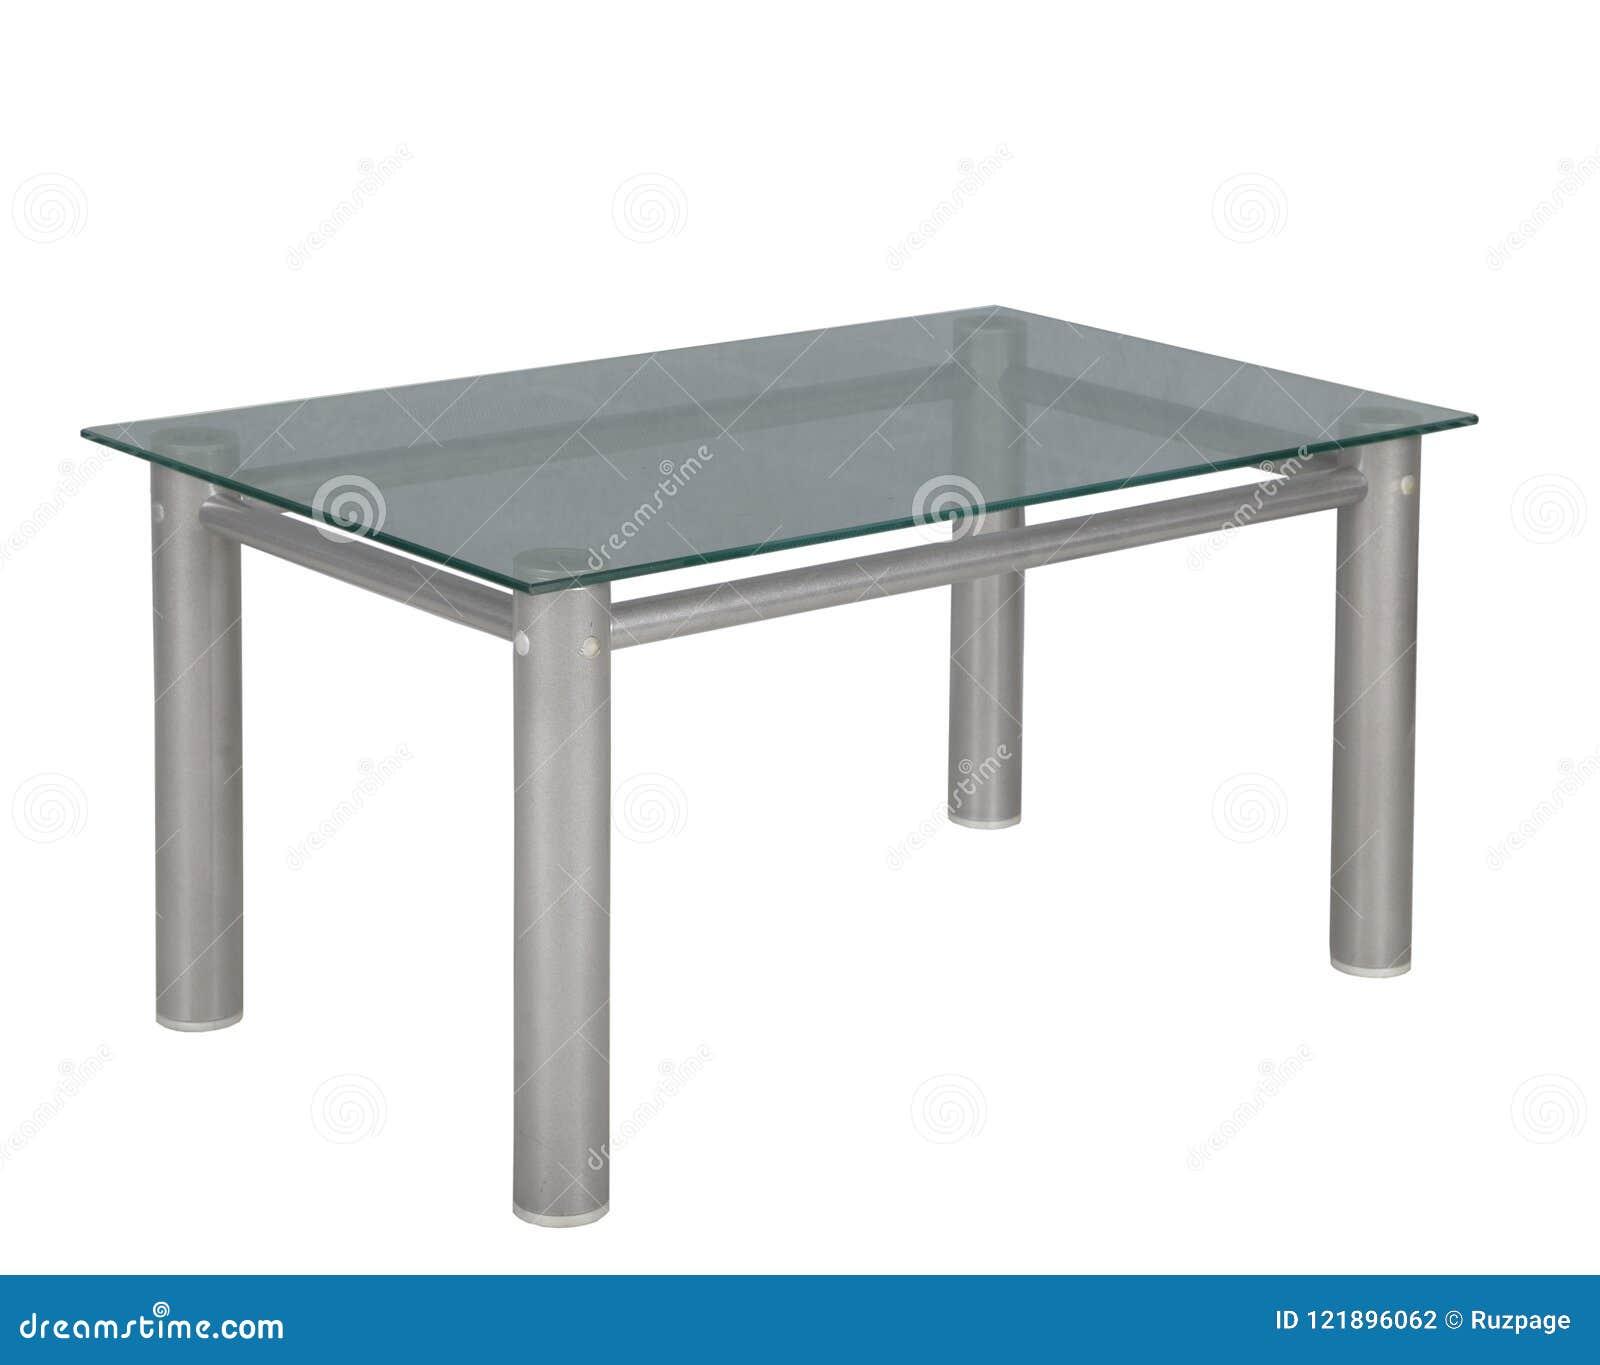 表,玻璃,桌面,家具,舒适